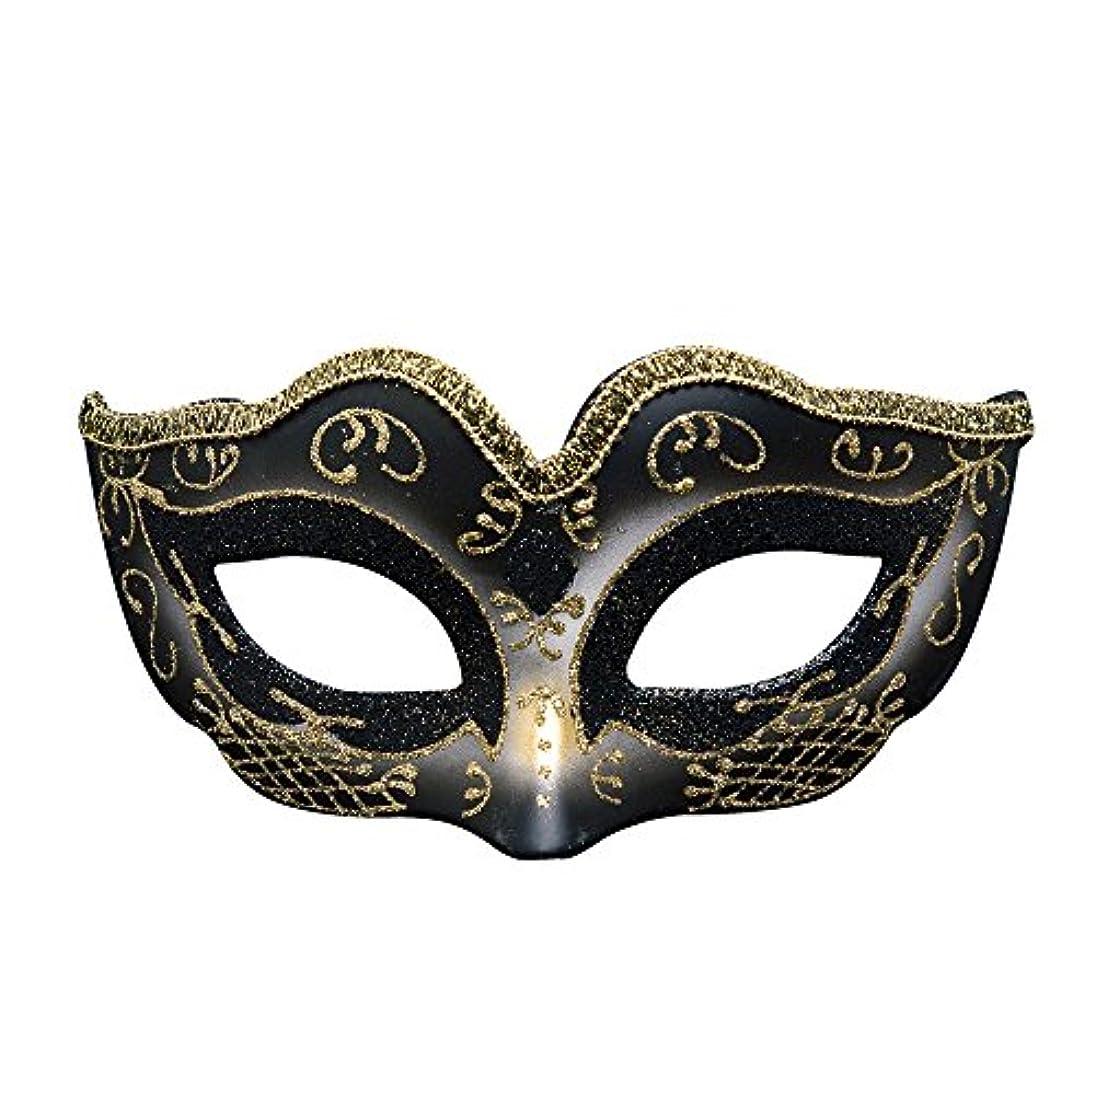 評価する家主せがむクリエイティブカスタム子供のなりすましパーティーハロウィーンマスククリスマス雰囲気マスク (Color : D)